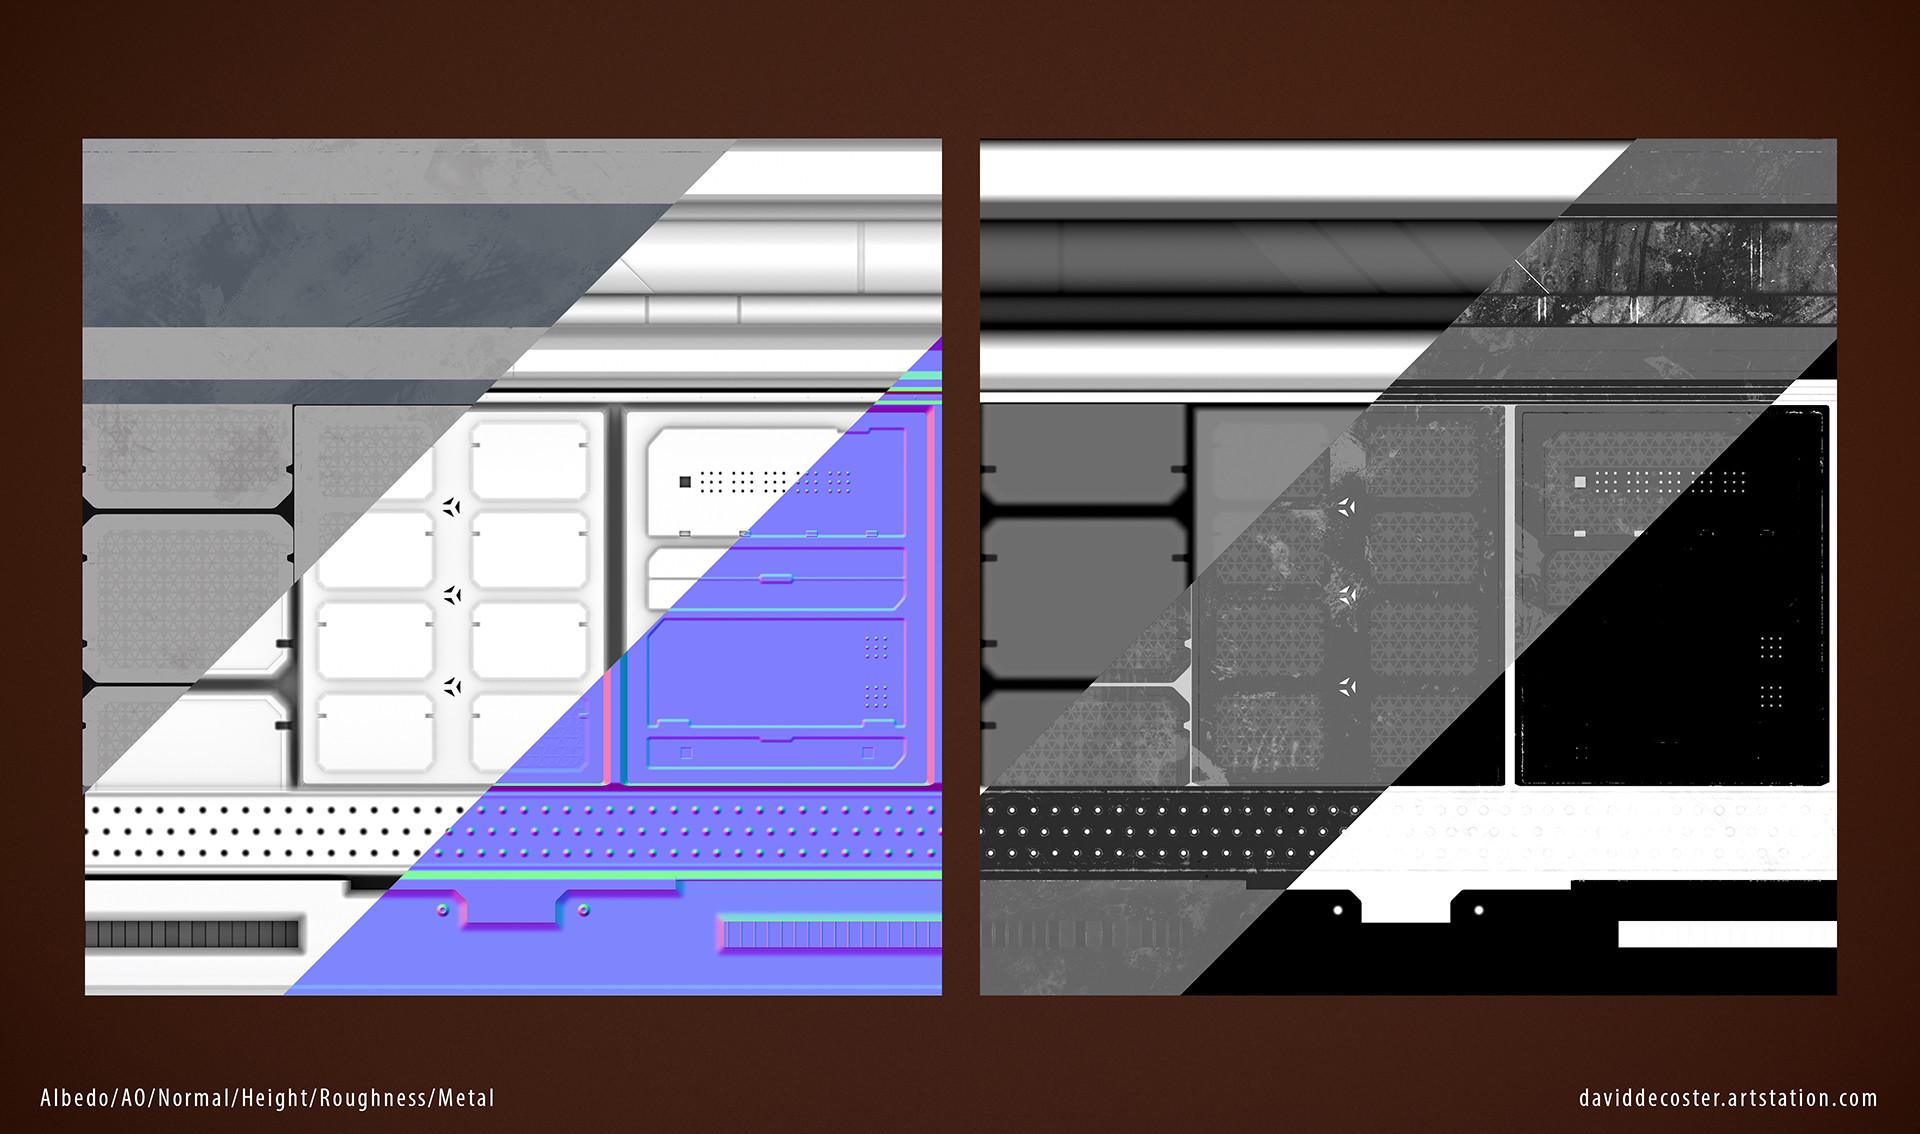 David decoster decoster tech panels 02 render 03